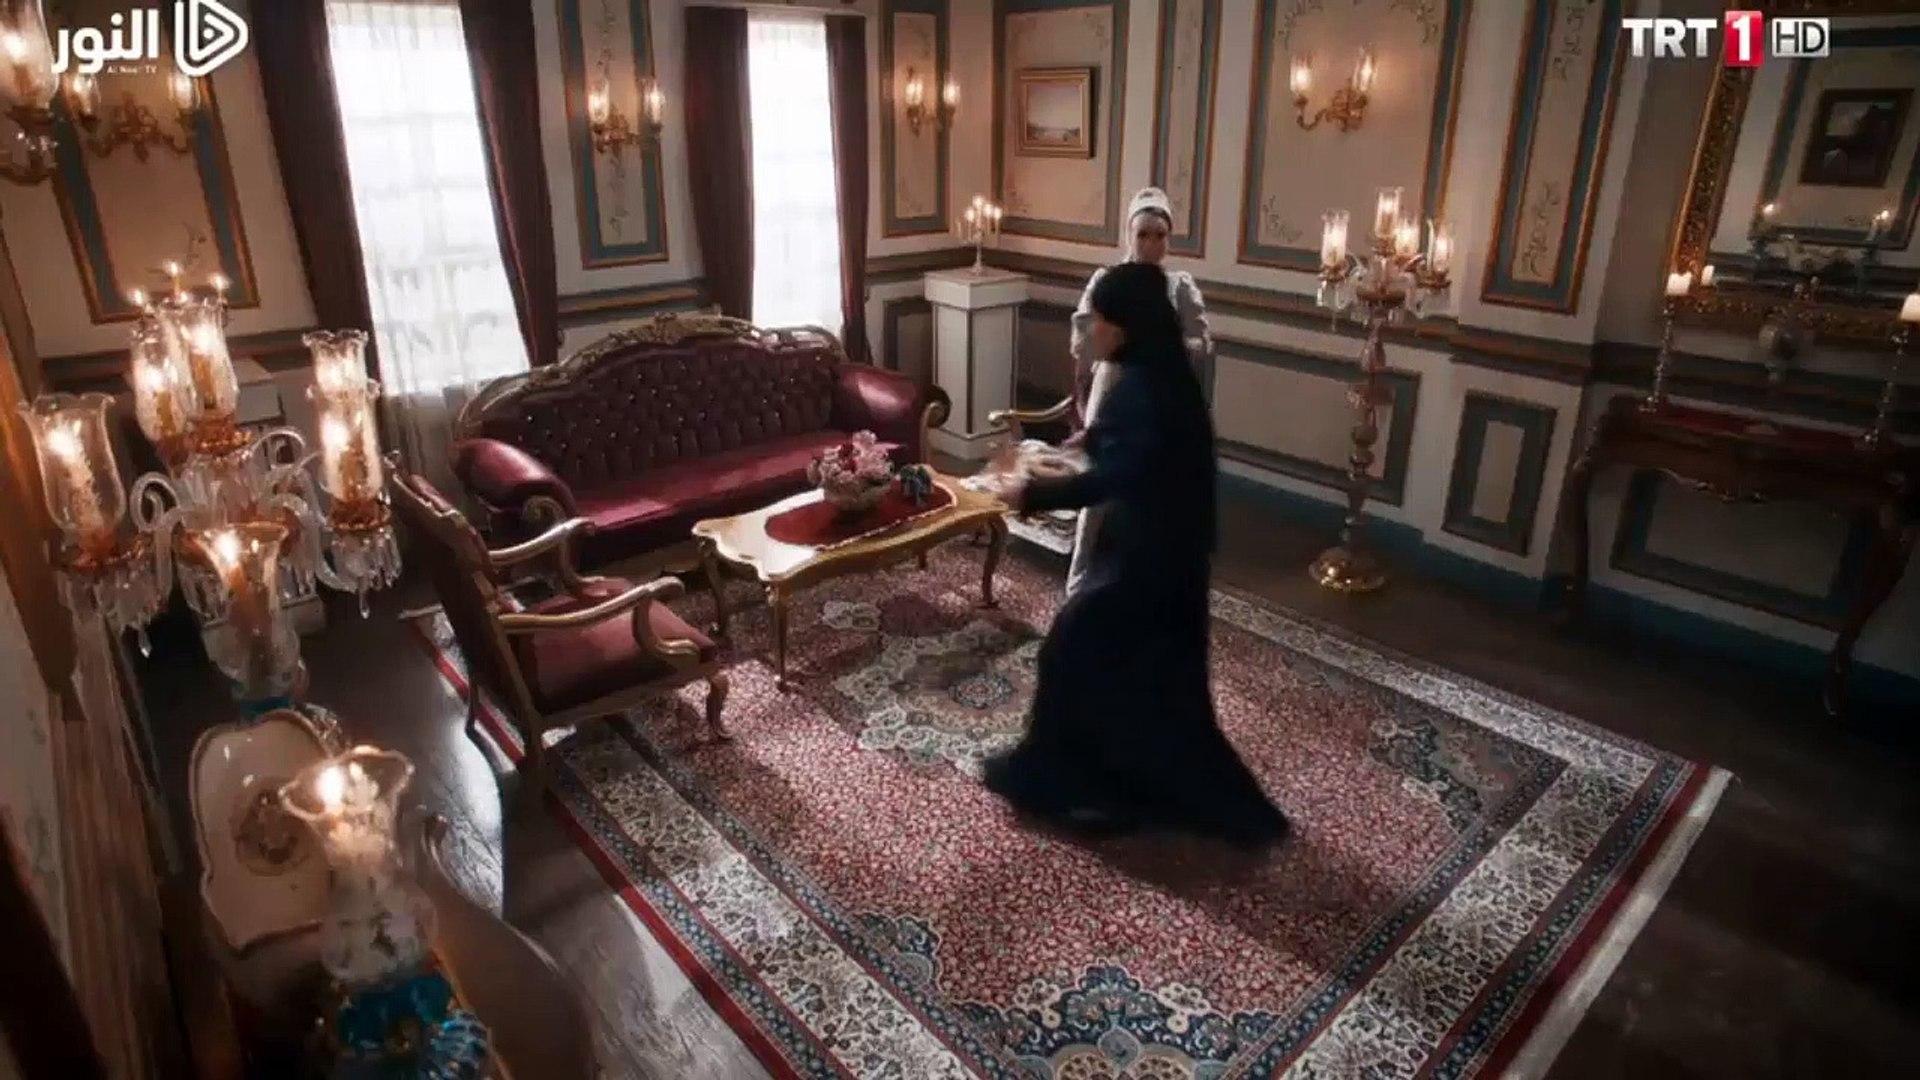 السلطان عبدالحميد الثاني الموسم الثالث الحلقة 19 مترجمة كاملة للعربية  القسم ۱